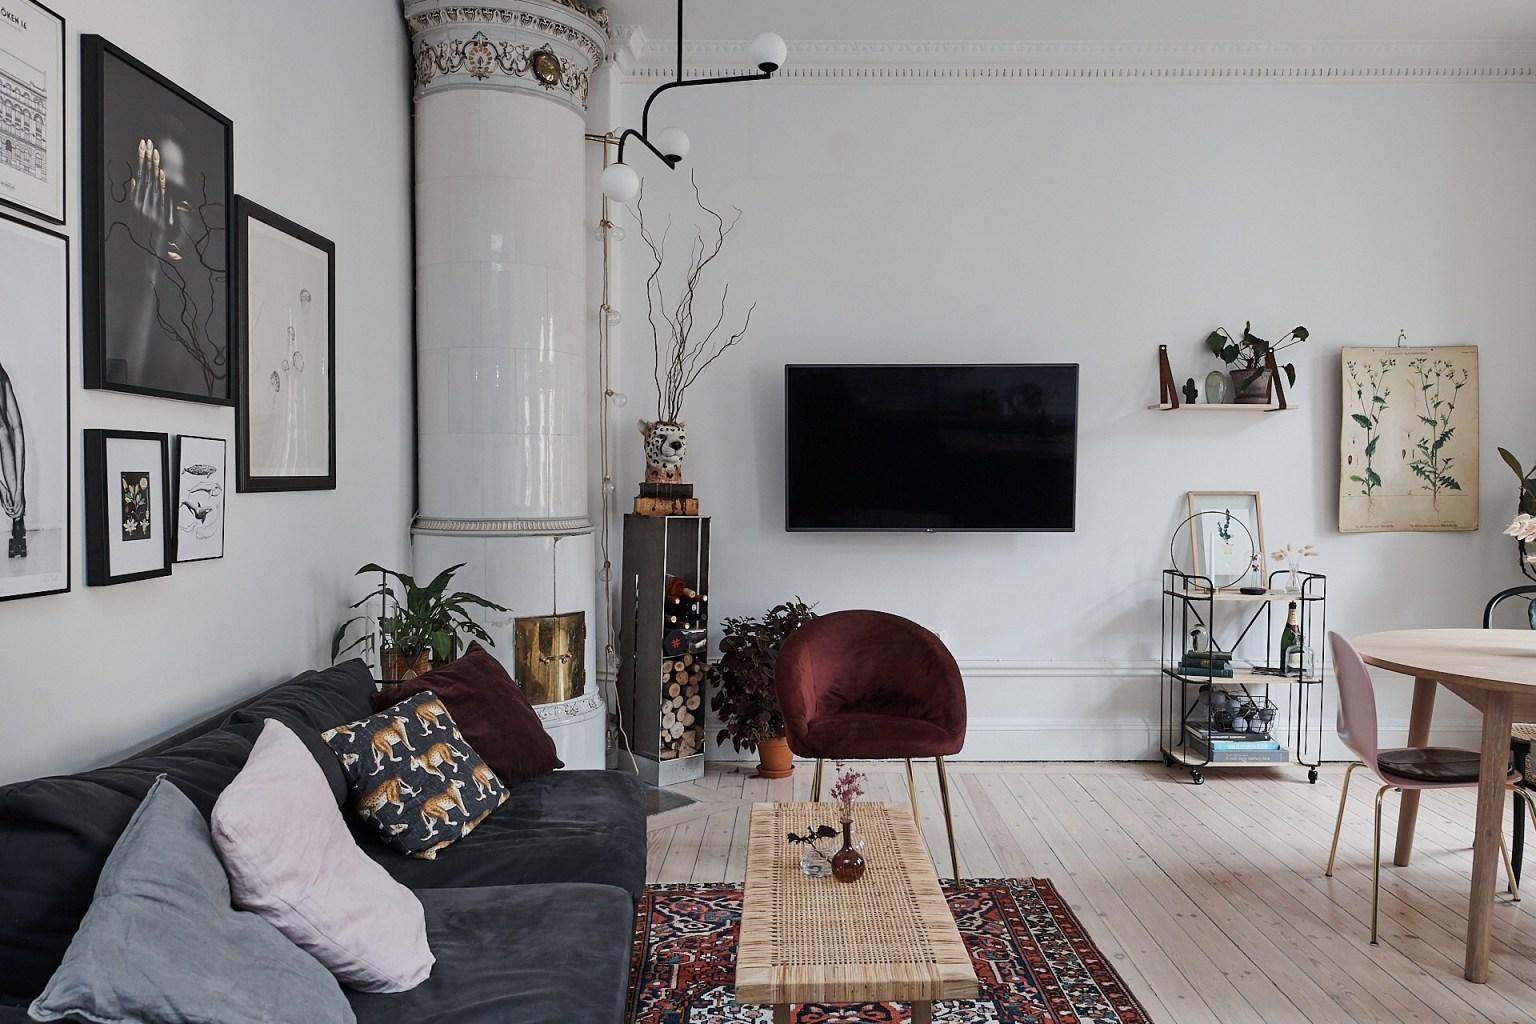 Căn hộ 58m² đẹp tinh tế nhờ phối màu tinh tế theo phong cách Scandinavian - Ảnh 2.